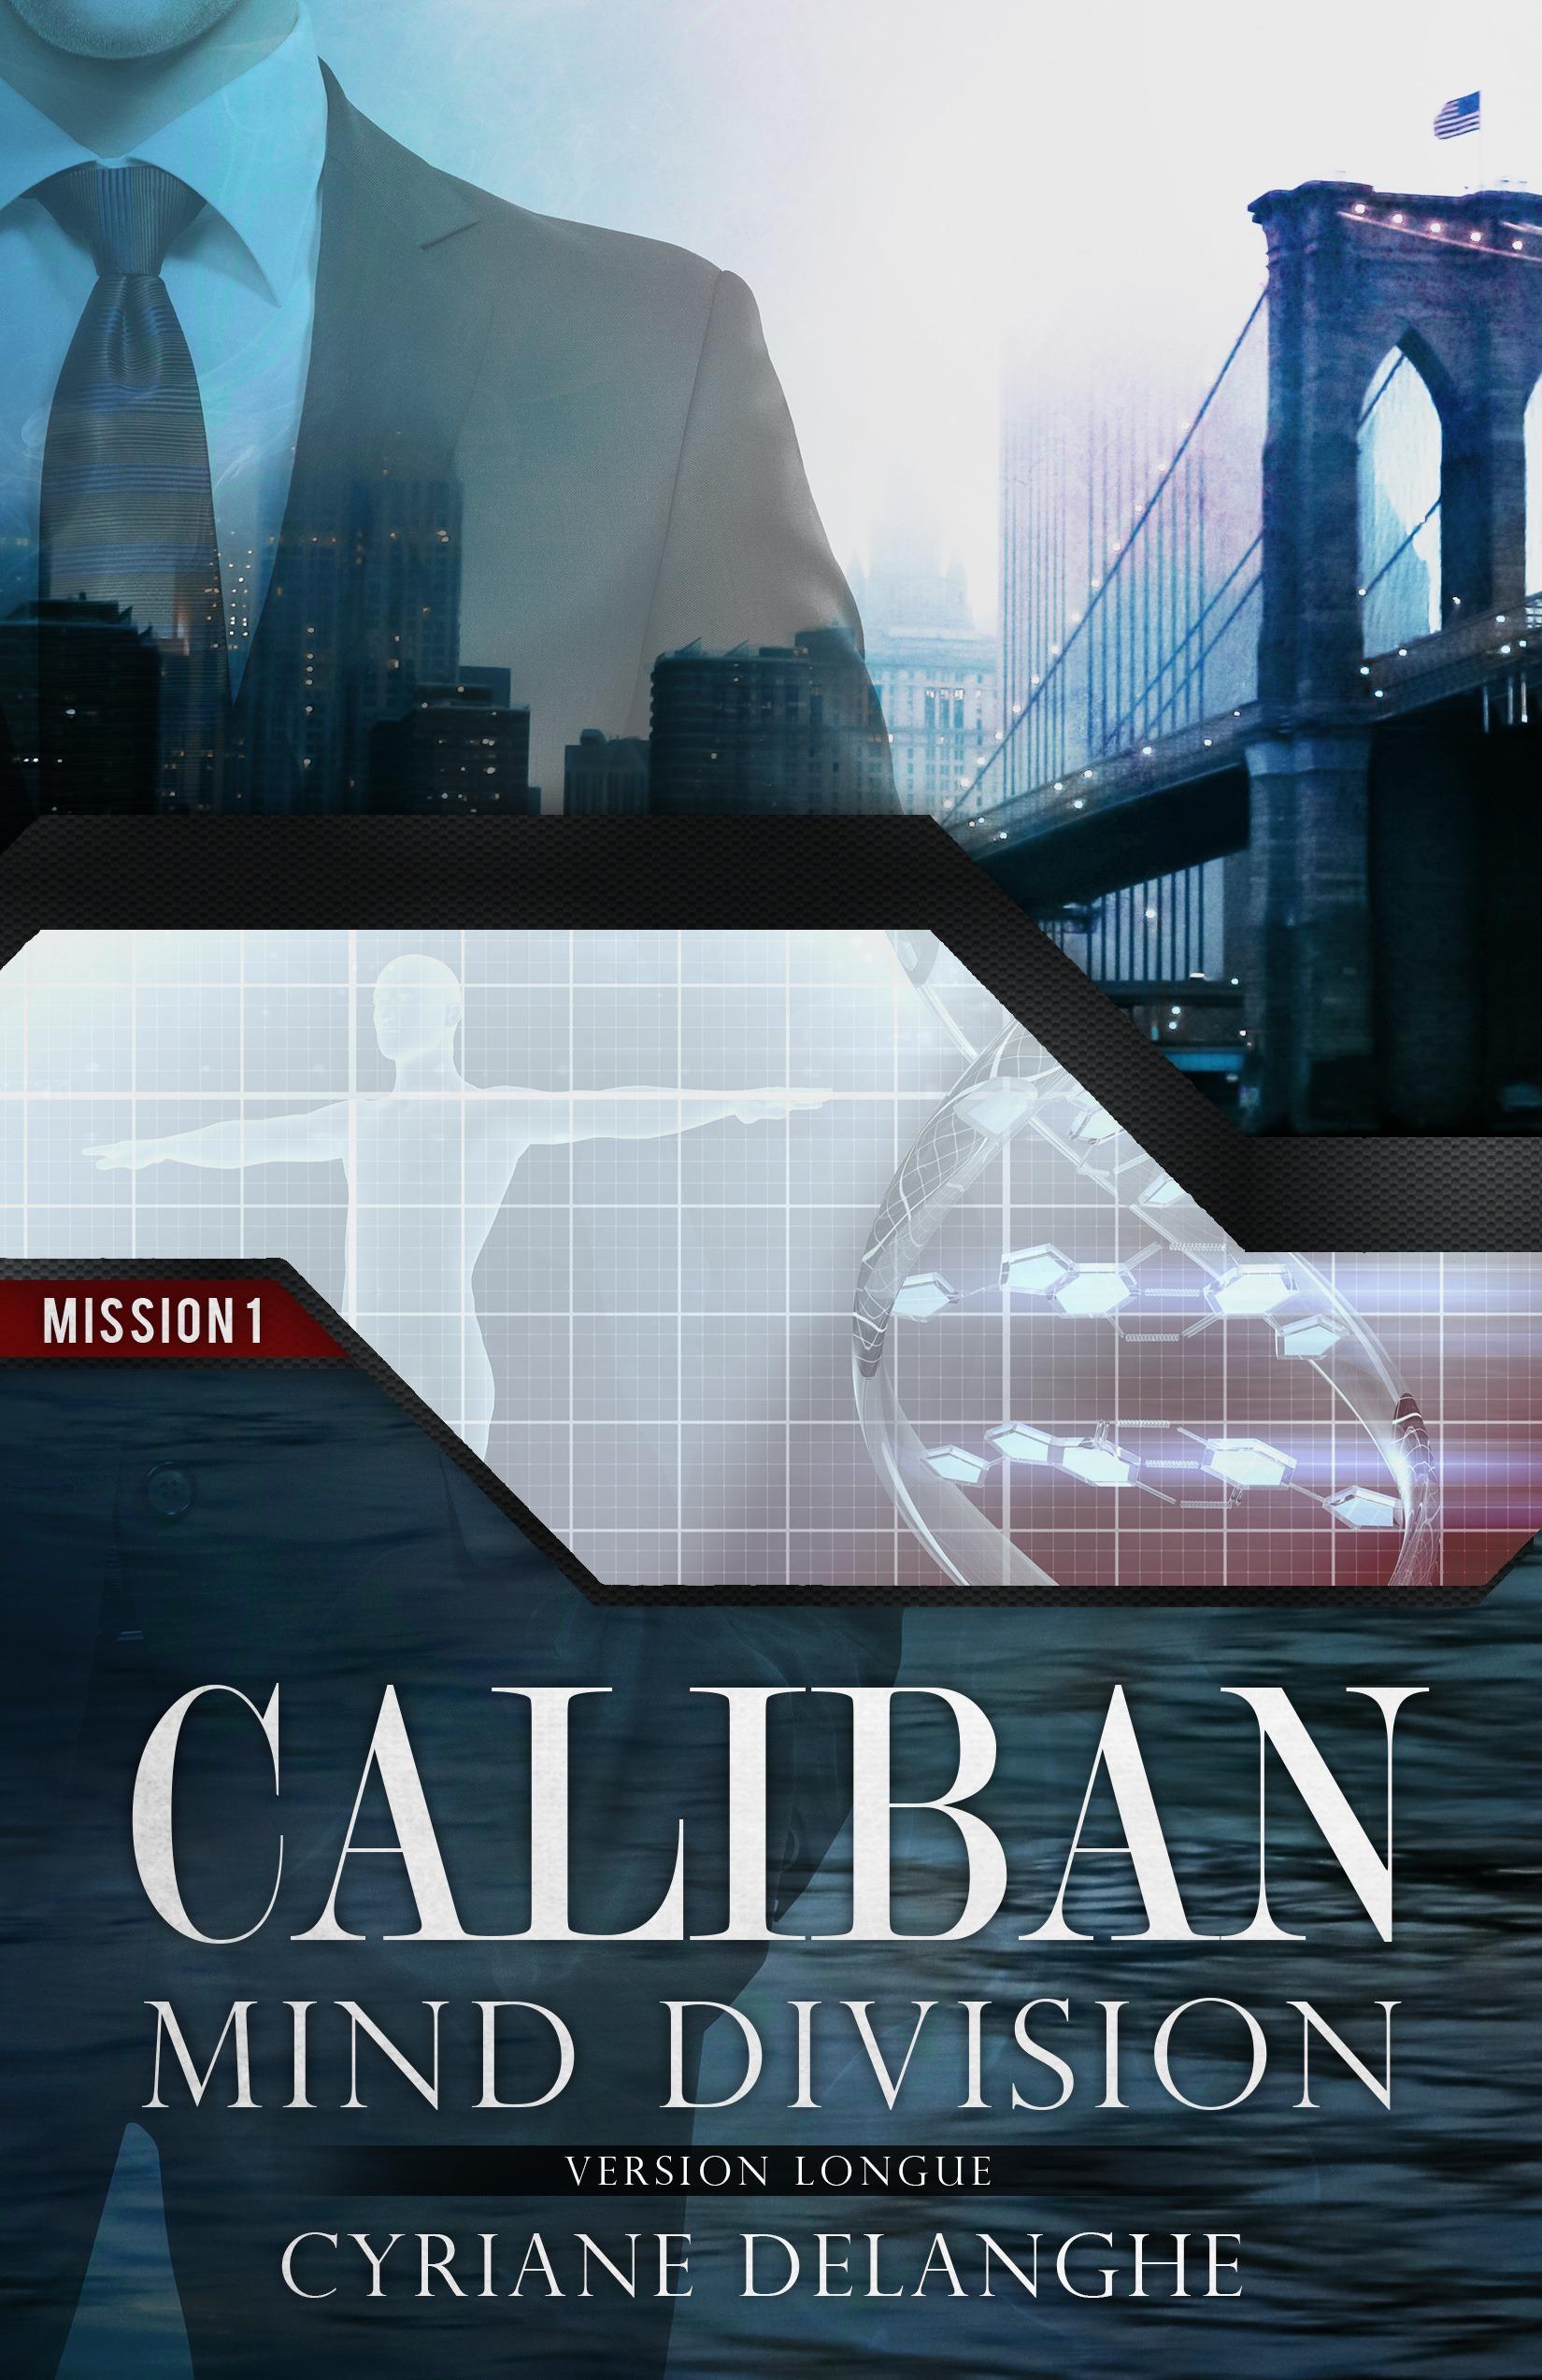 Caliban : Mind Division - Mission 1